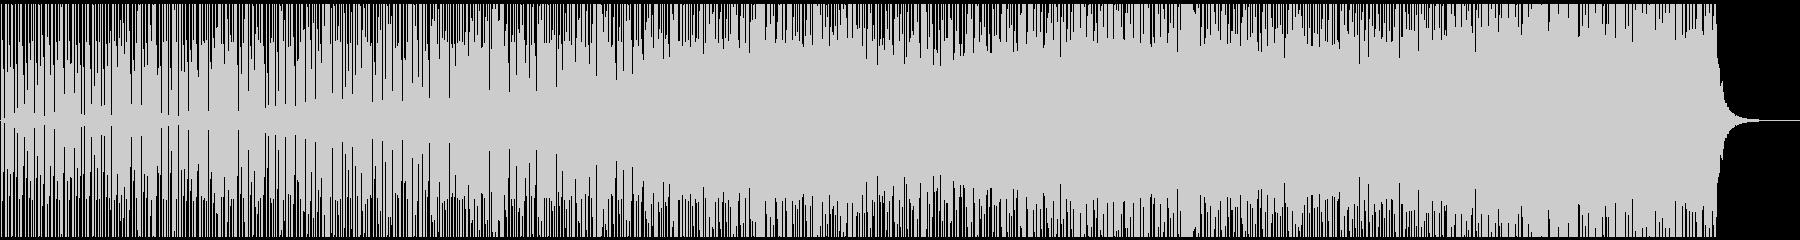 邪魔にならないトライバルハウス BGMにの未再生の波形